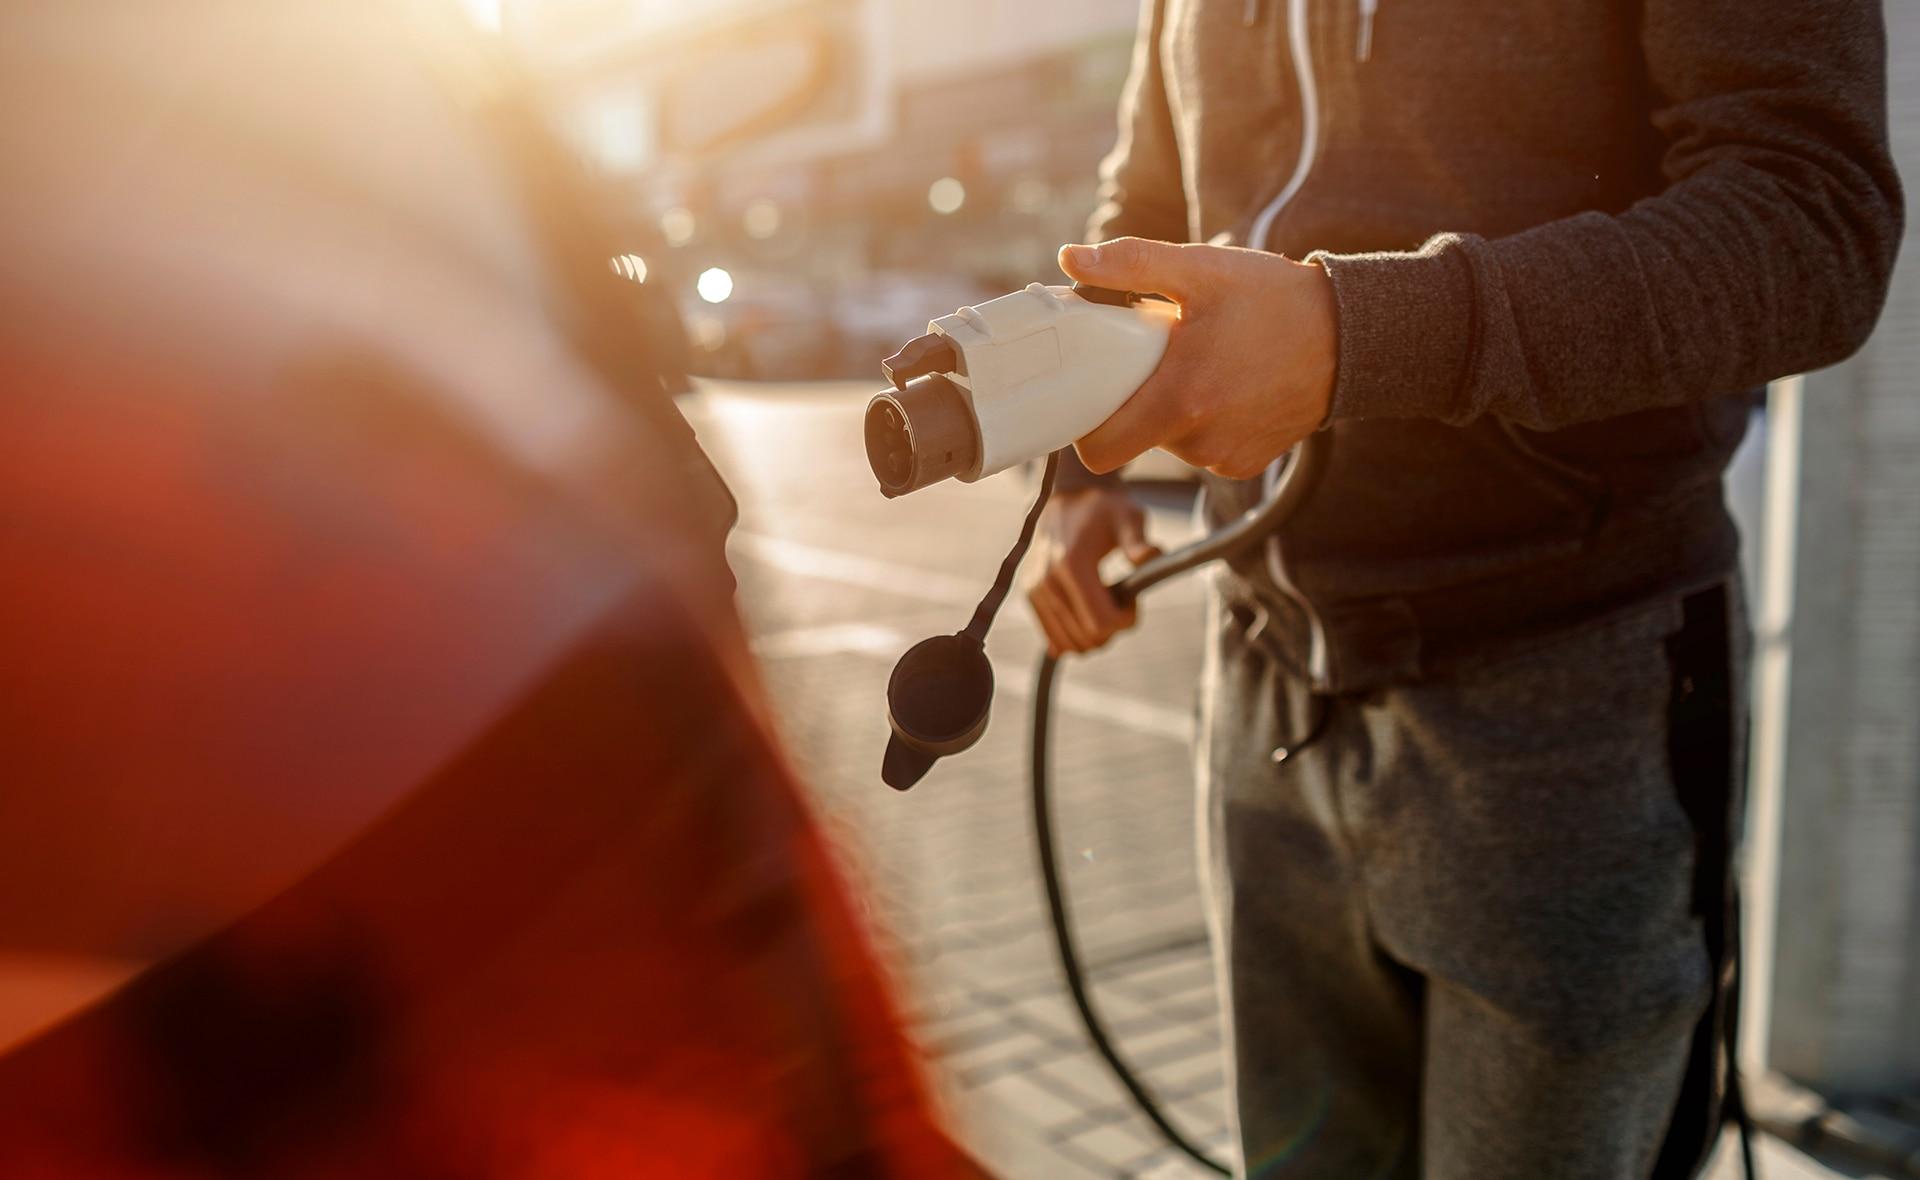 BBVA-Peru-Coches-Electricos-transporte-sostenibilidad-alternativa-vehículo-contaminación-tráfico-autos-combustible-energía-eletricidad-carburante